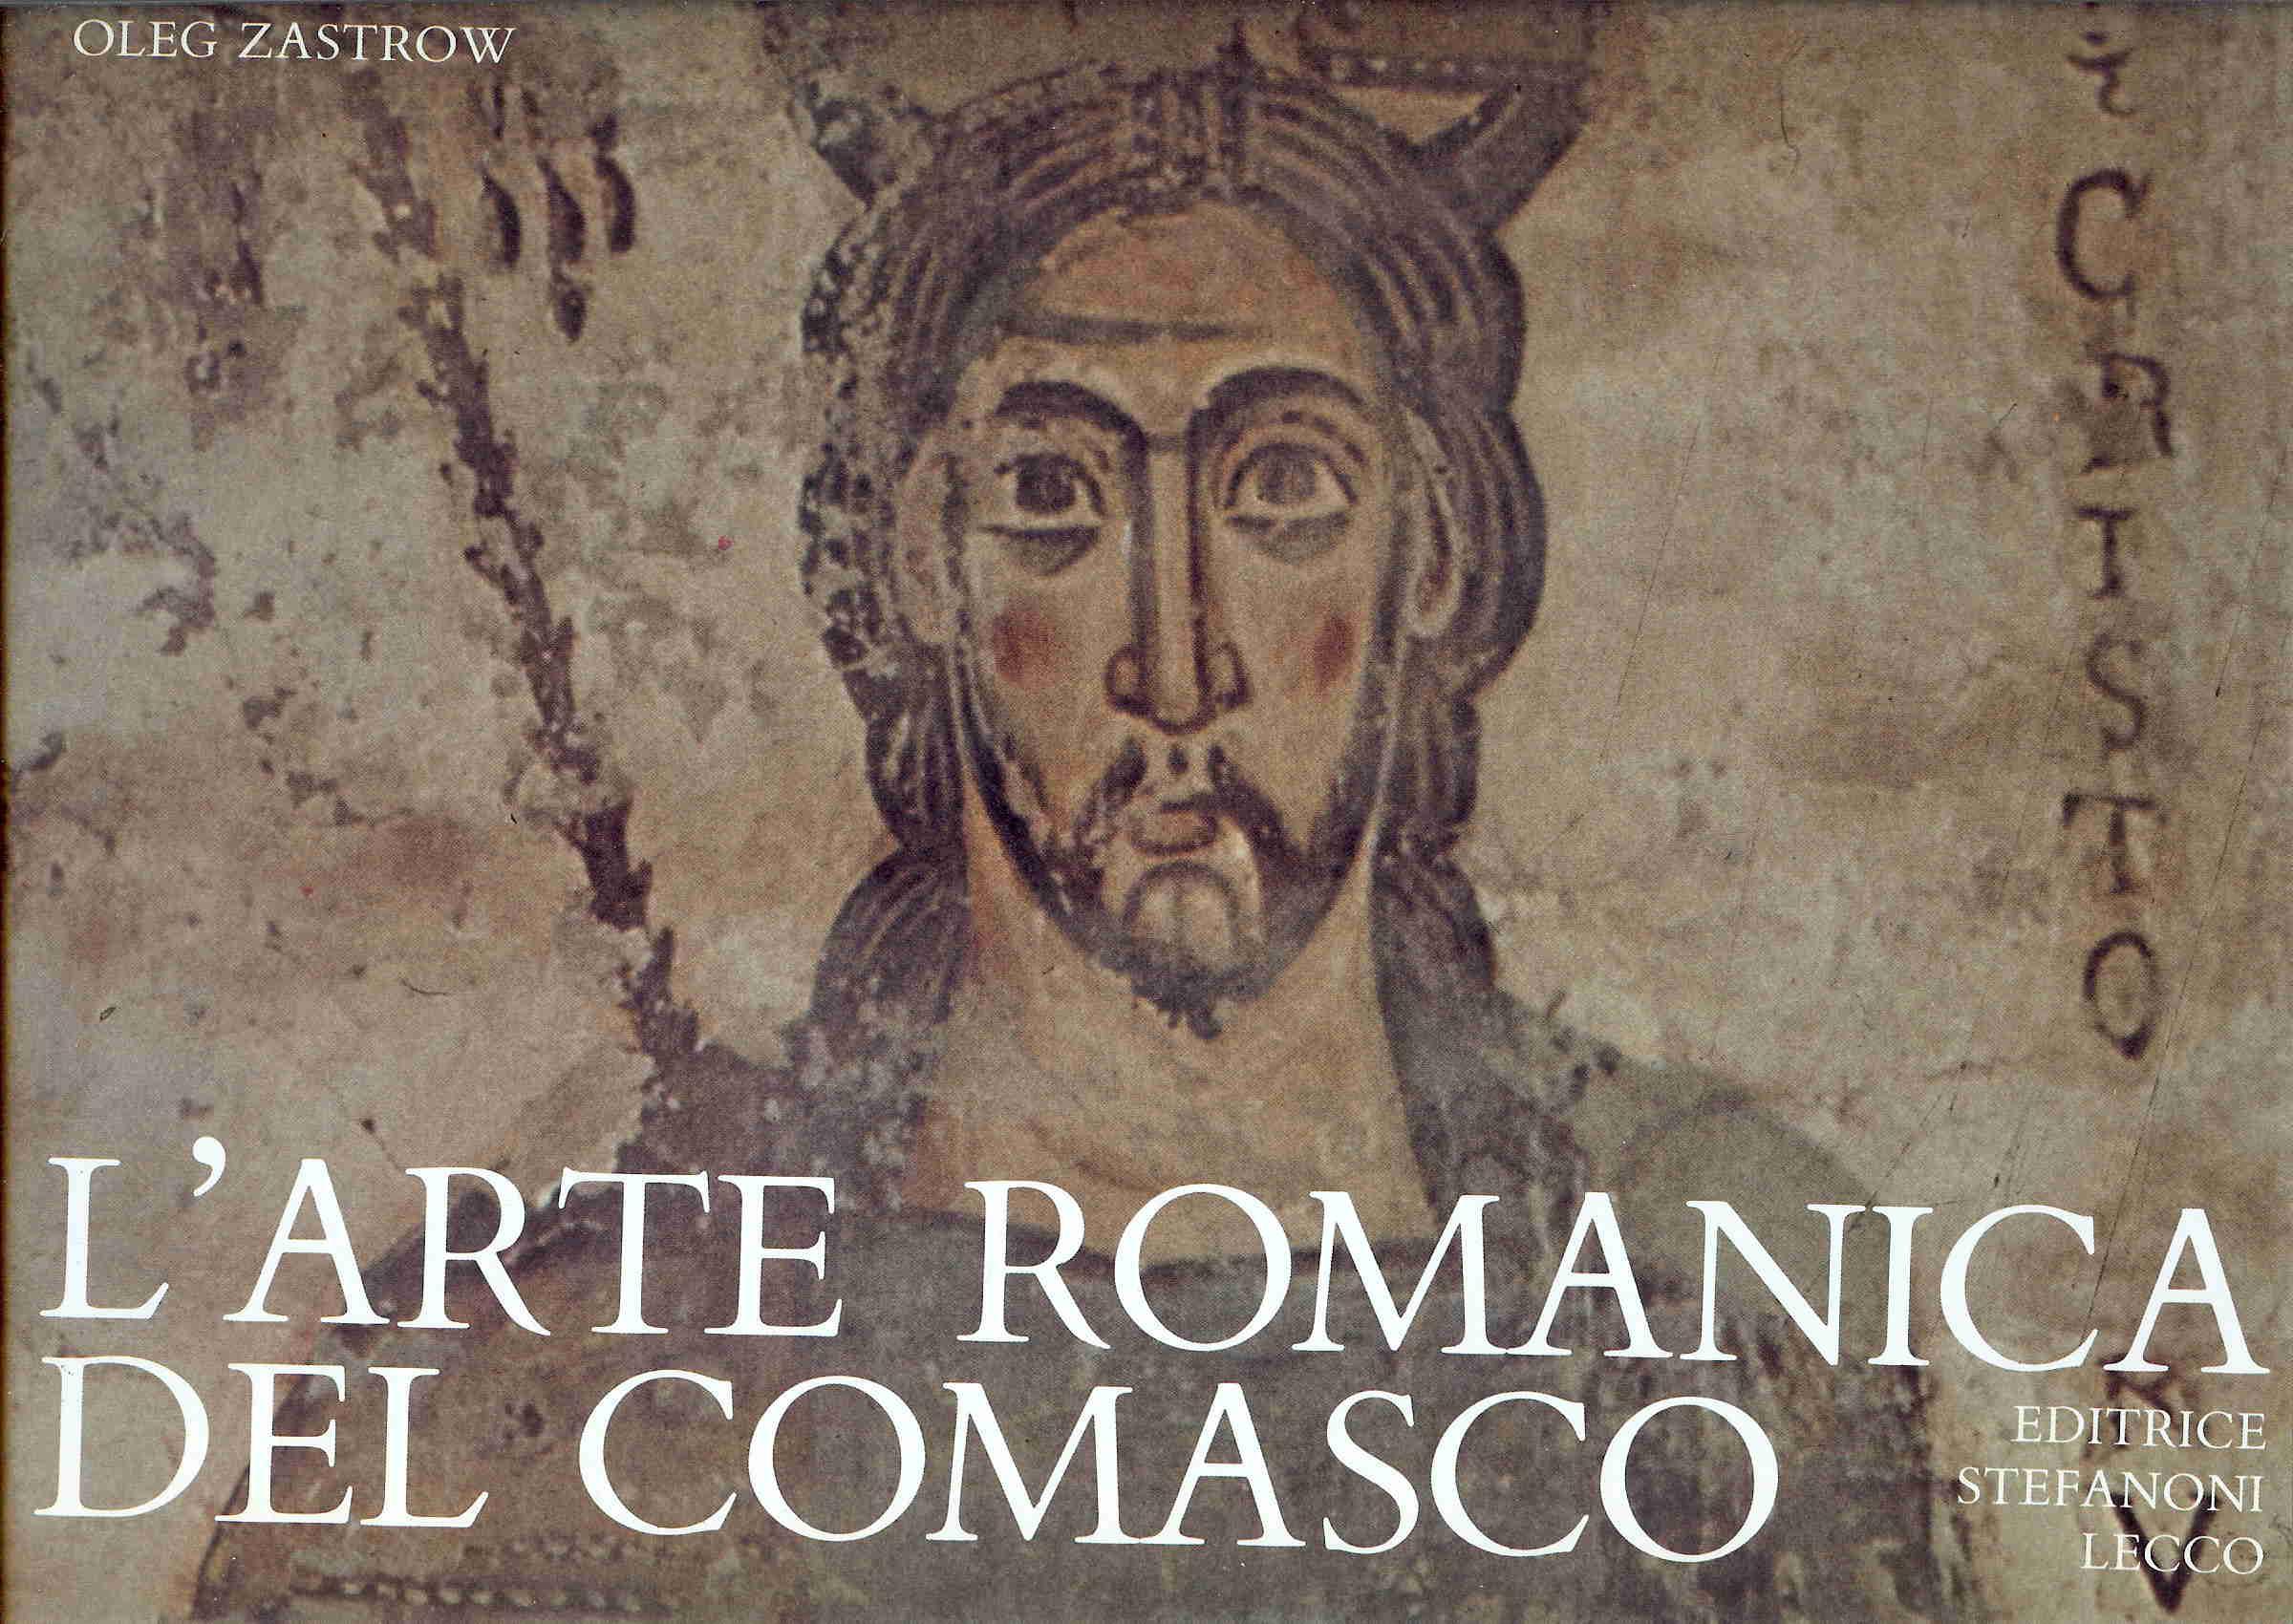 L'arte romanica del comasco